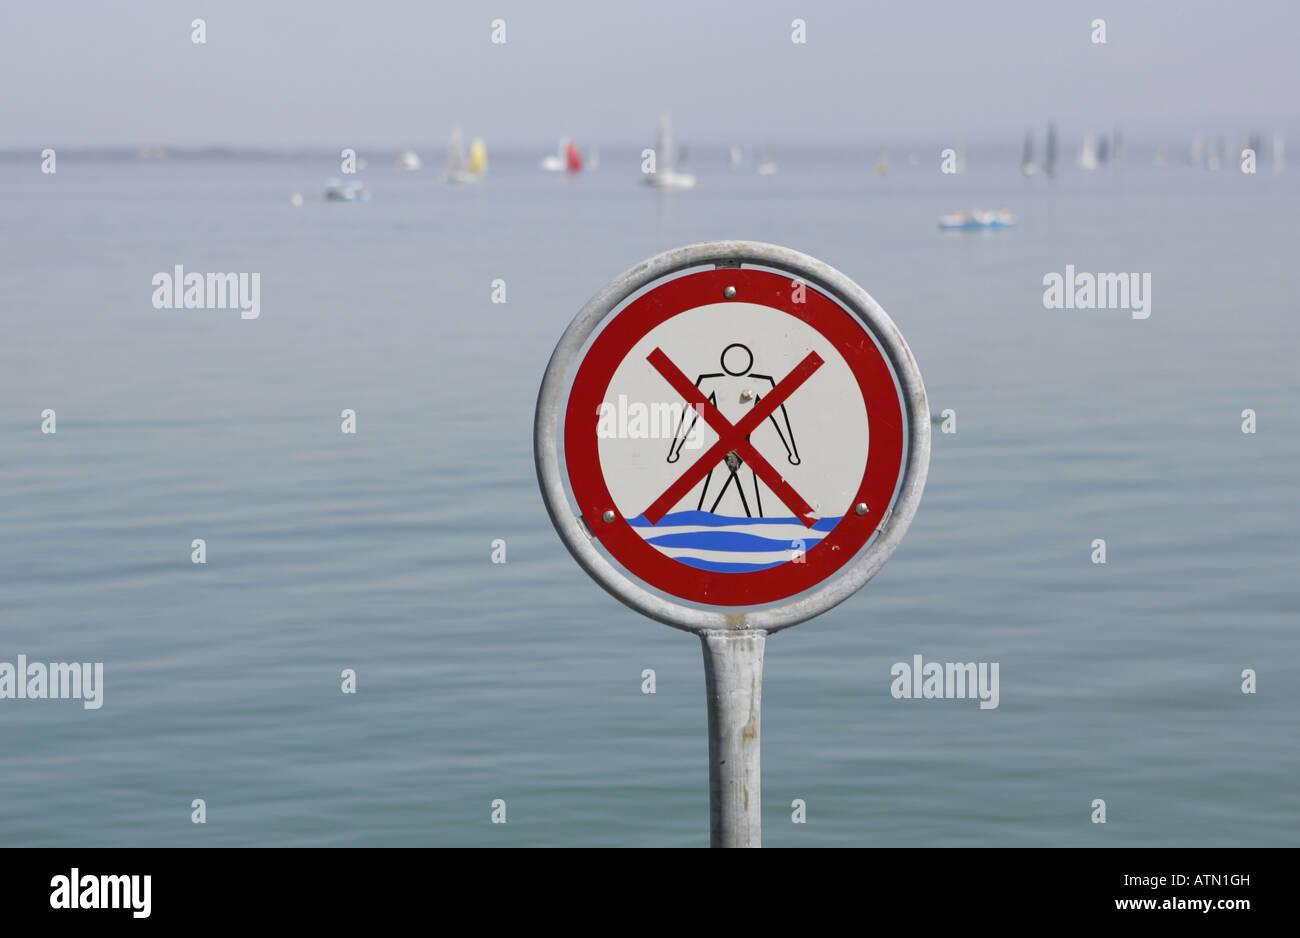 Kein Schwimmen Zeichen am Ufer des Bodensees. Stockfoto